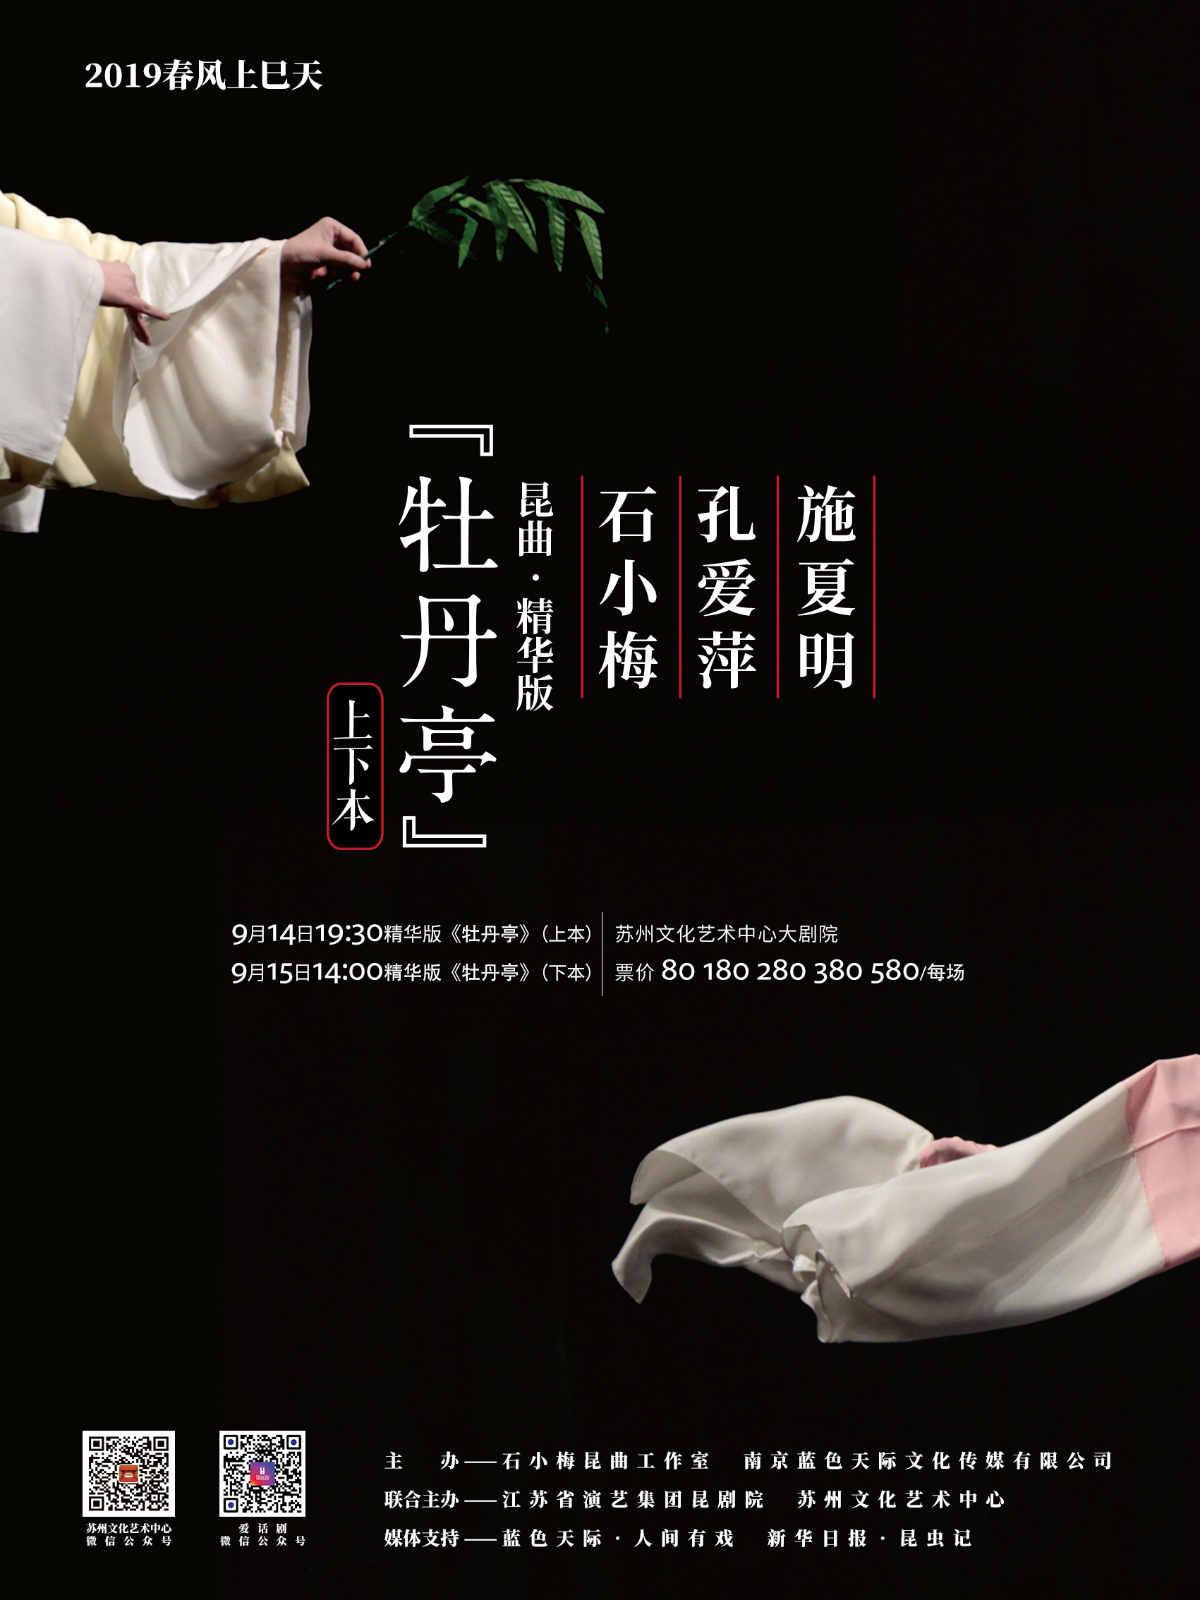 2019·春风上巳天 【昆曲】精华版《牡丹亭》(上本)(合作)